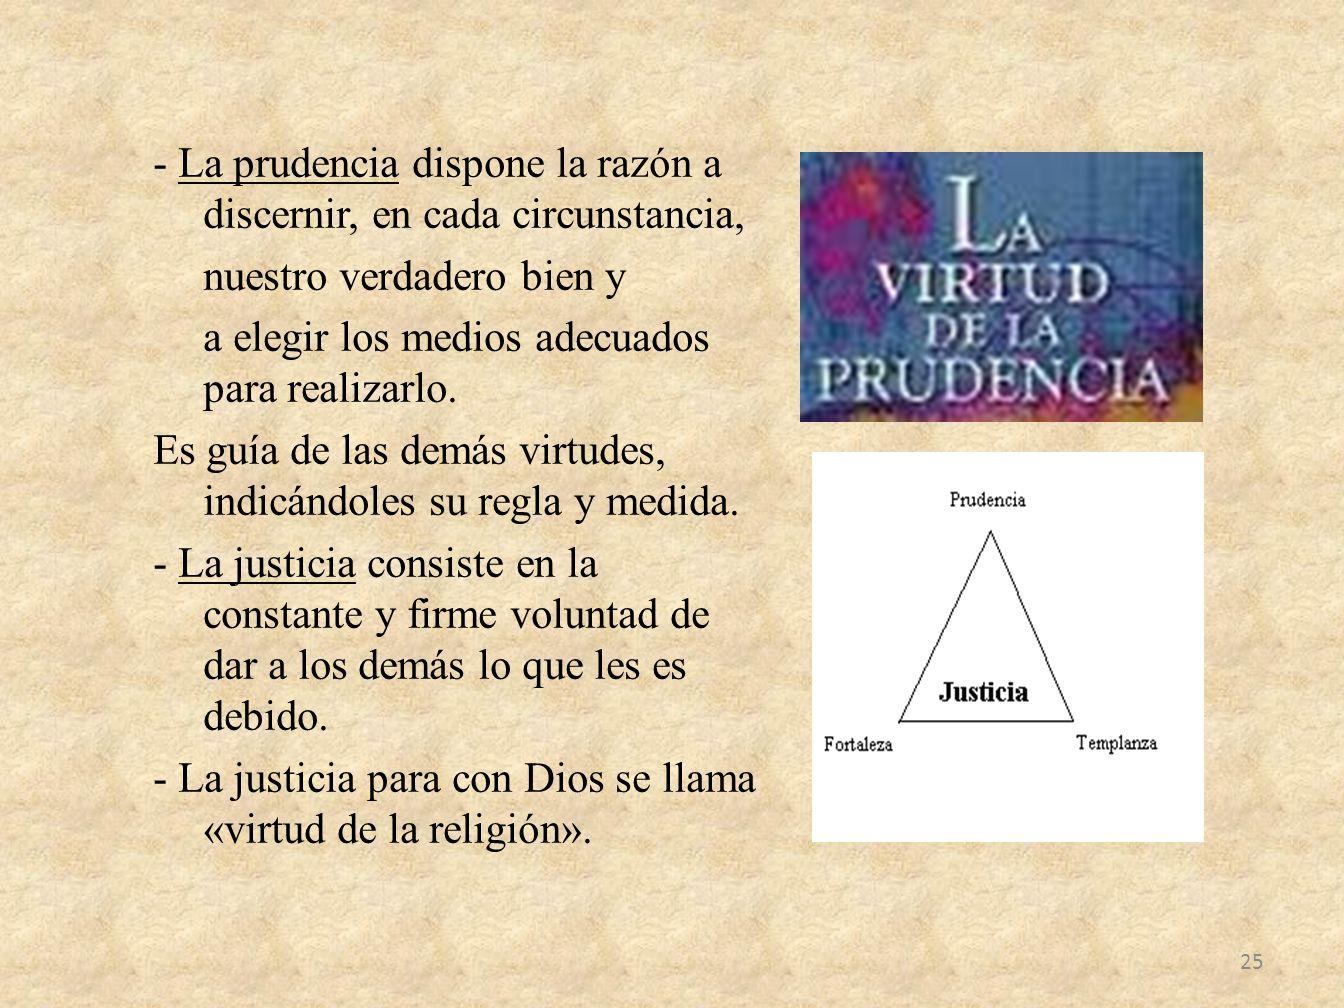 - La prudencia dispone la razón a discernir, en cada circunstancia, nuestro verdadero bien y a elegir los medios adecuados para realizarlo.